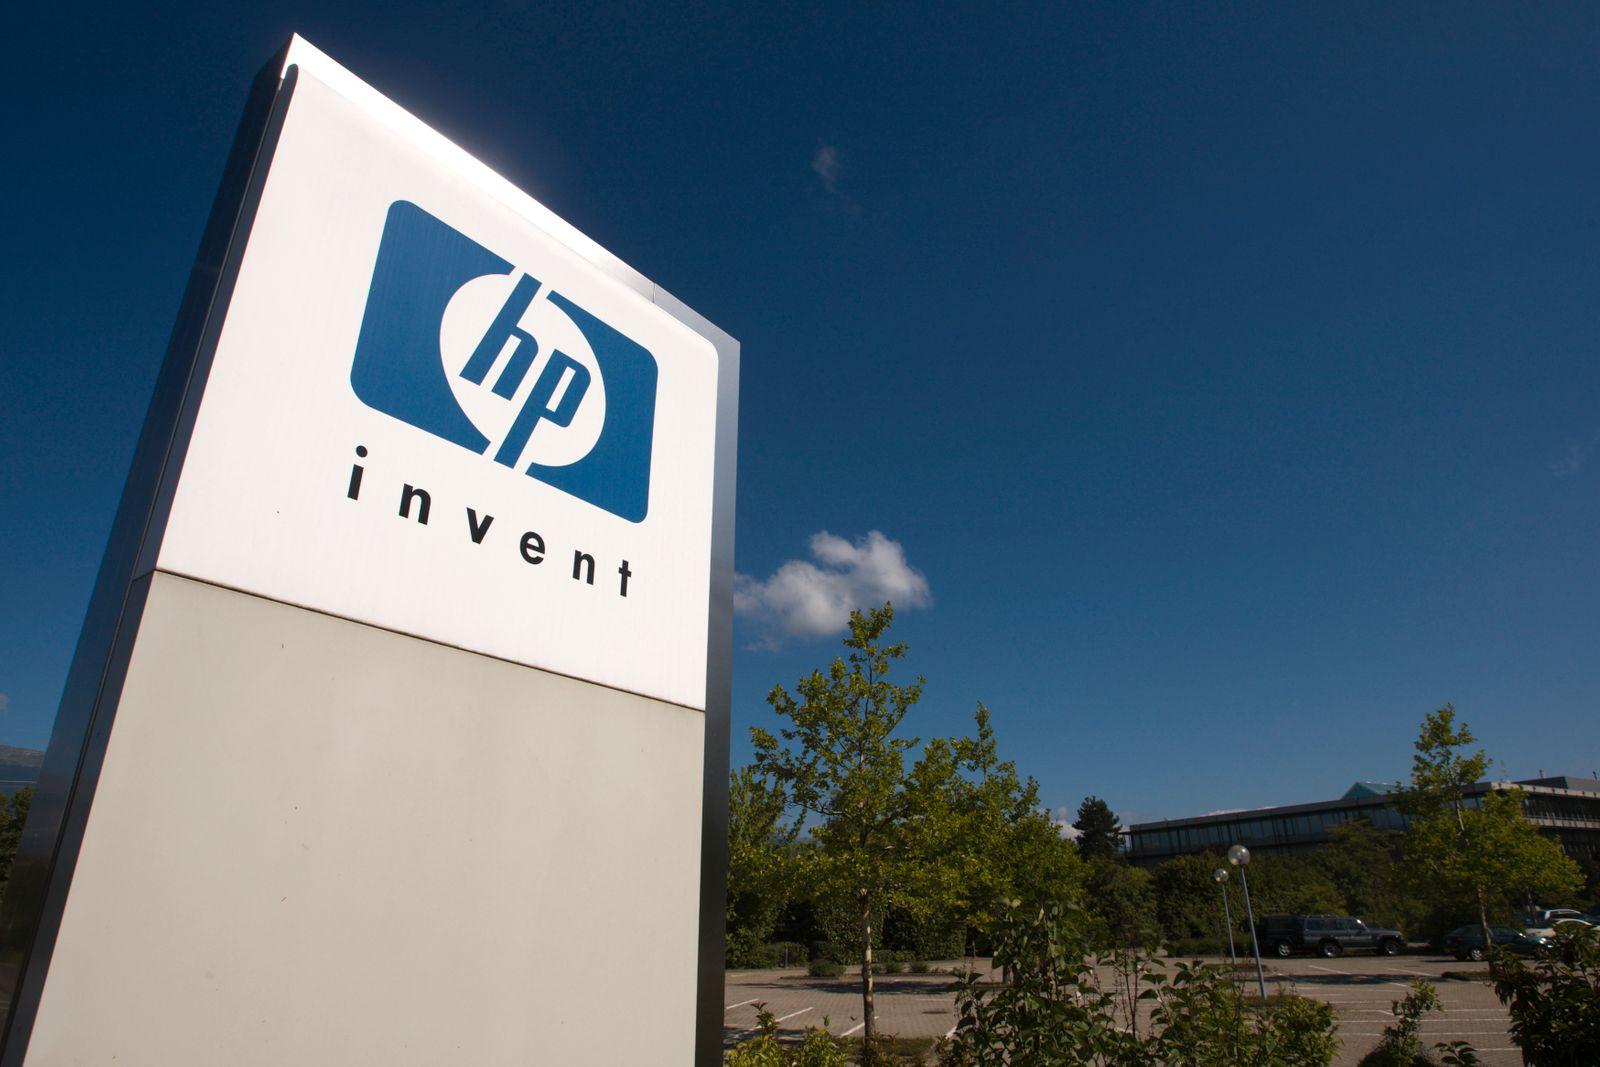 Schweiz / Genf / HP / Hewlett-Packard